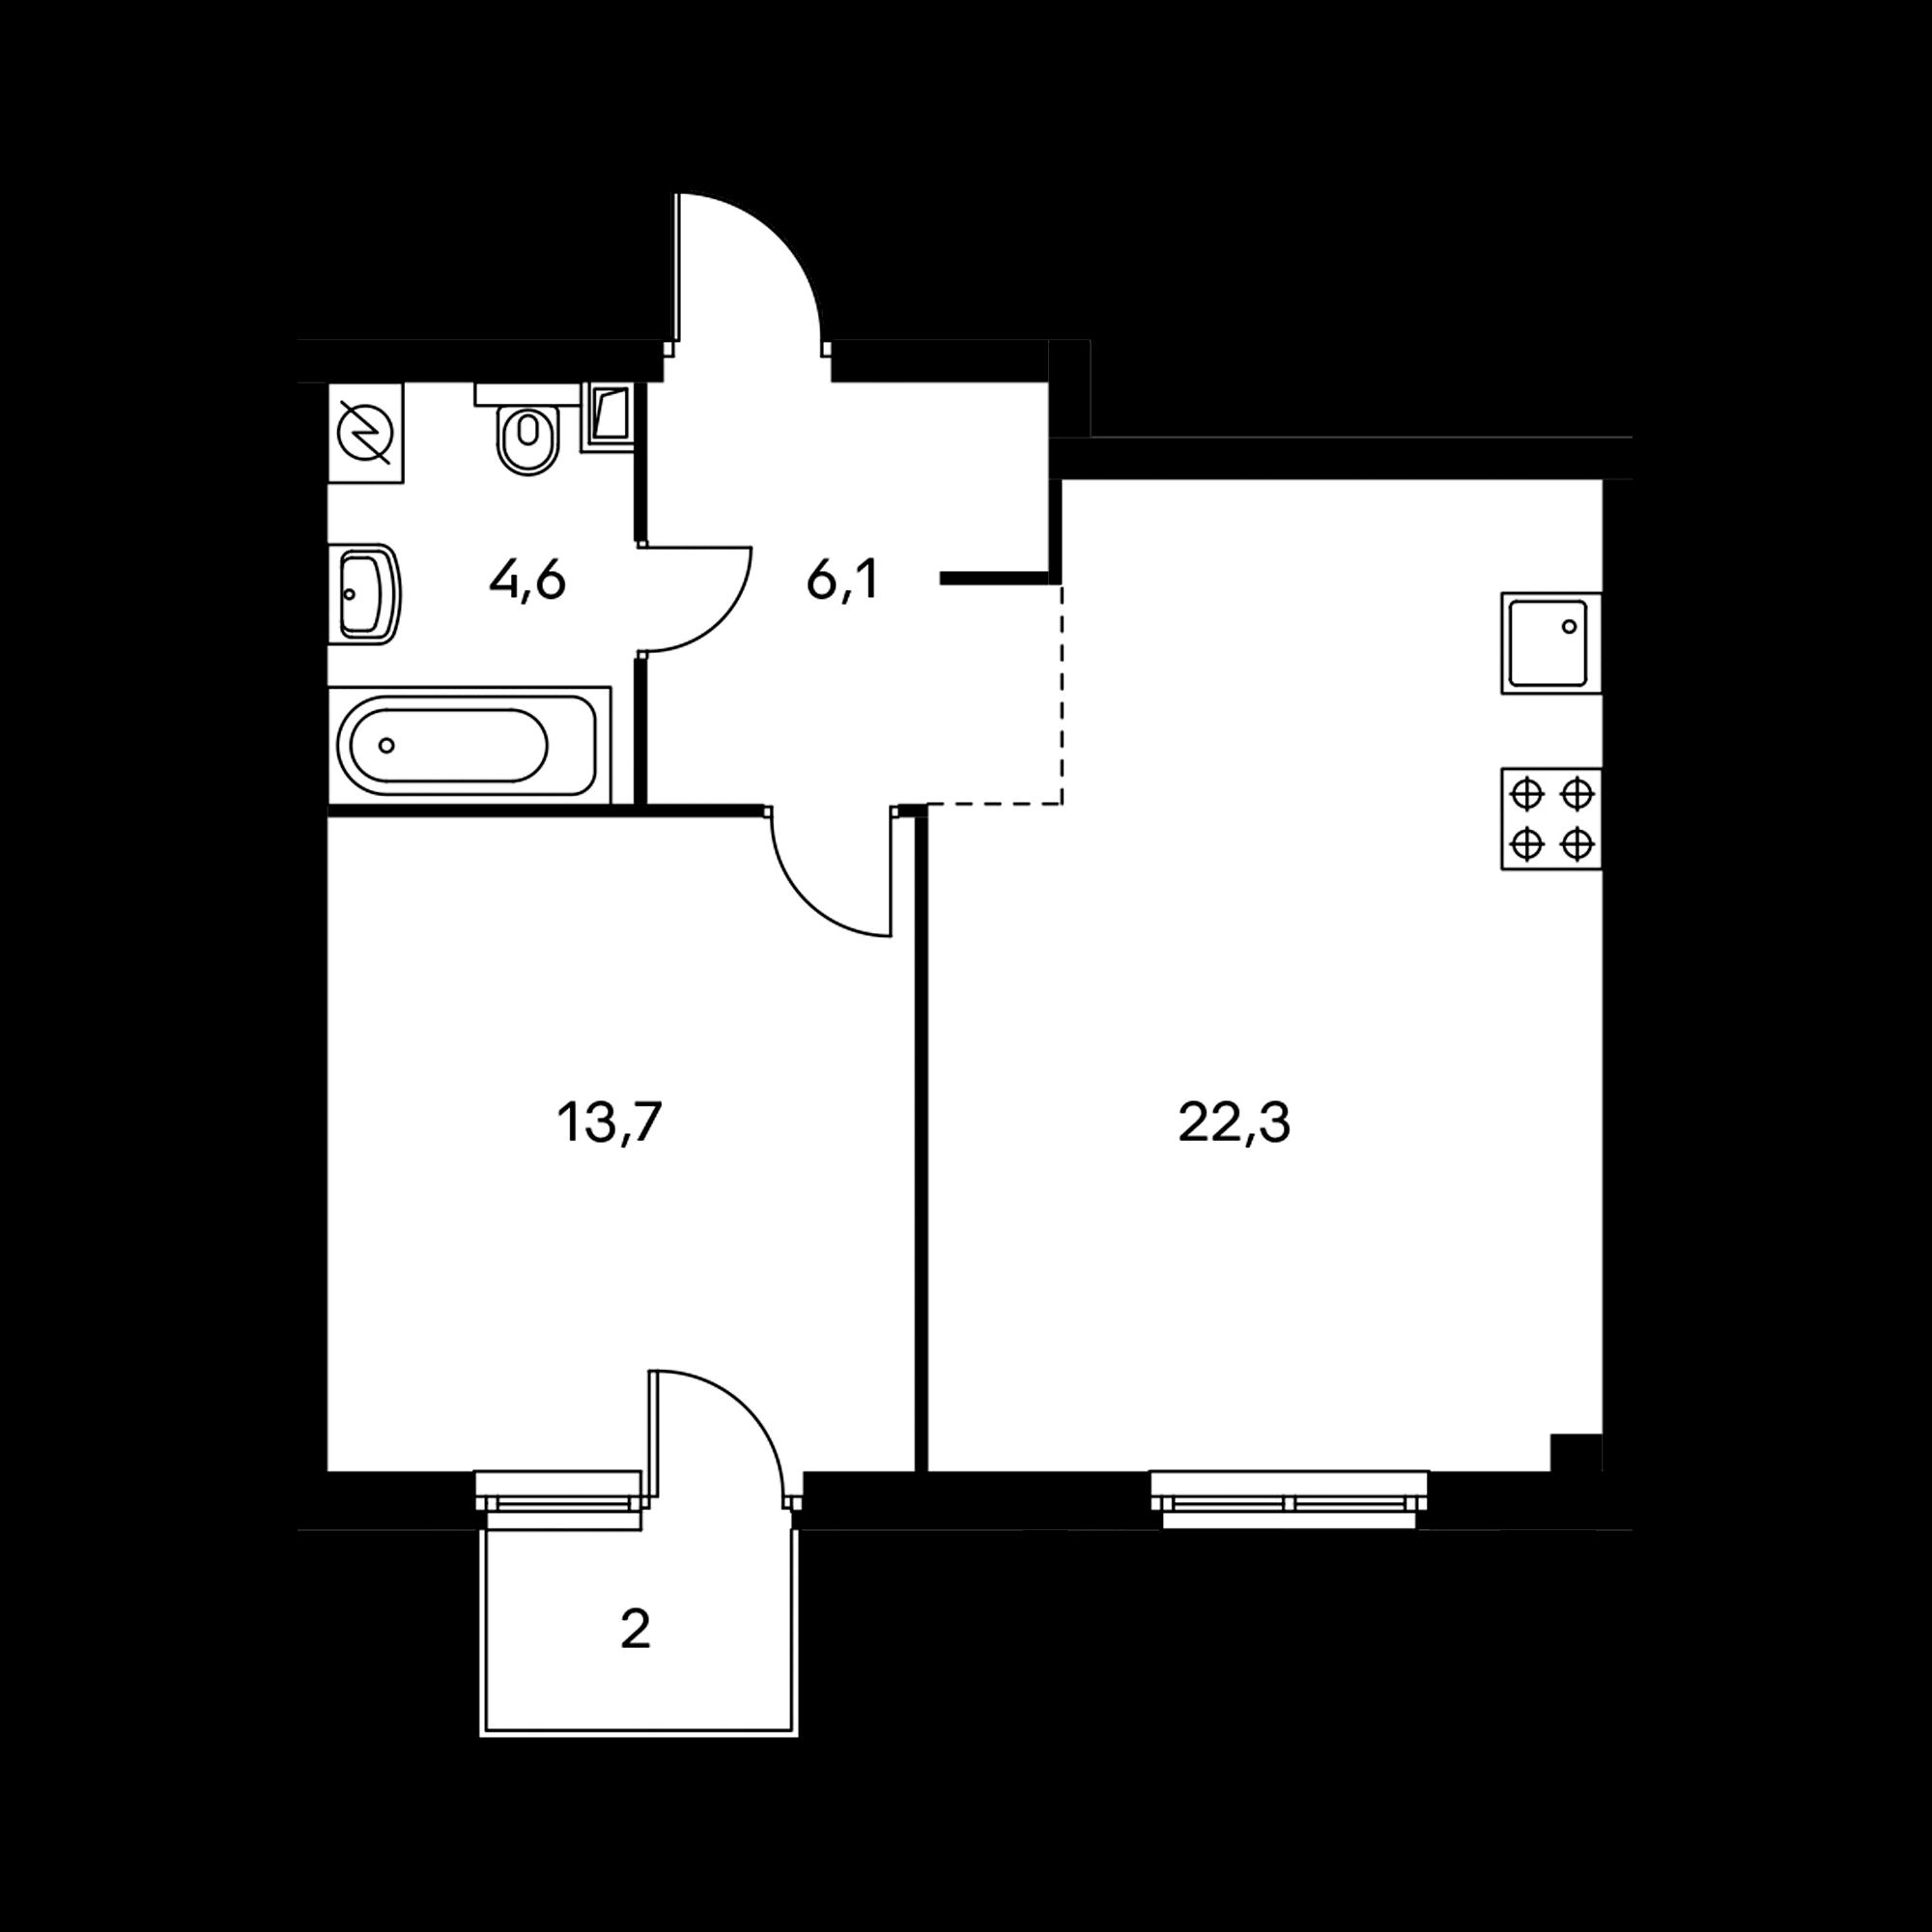 1EL3_7.8-B1